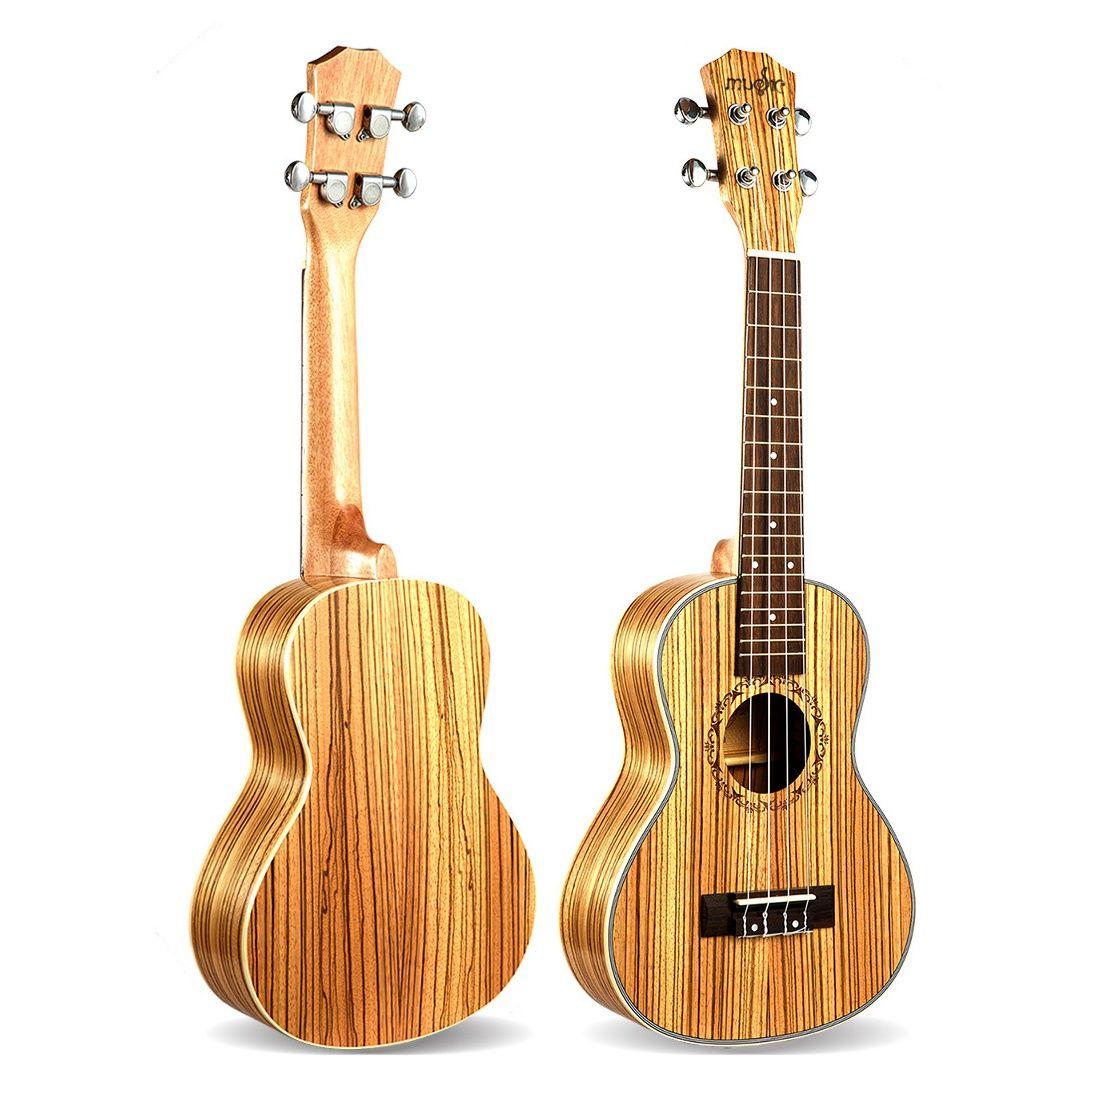 Concierto Ukelele 23 pulgadas 4 cuerdas Hawaiano Mini guitarra acústica guitarra Ukelele guitarra enviar regalos instrumento de cuerda Musical